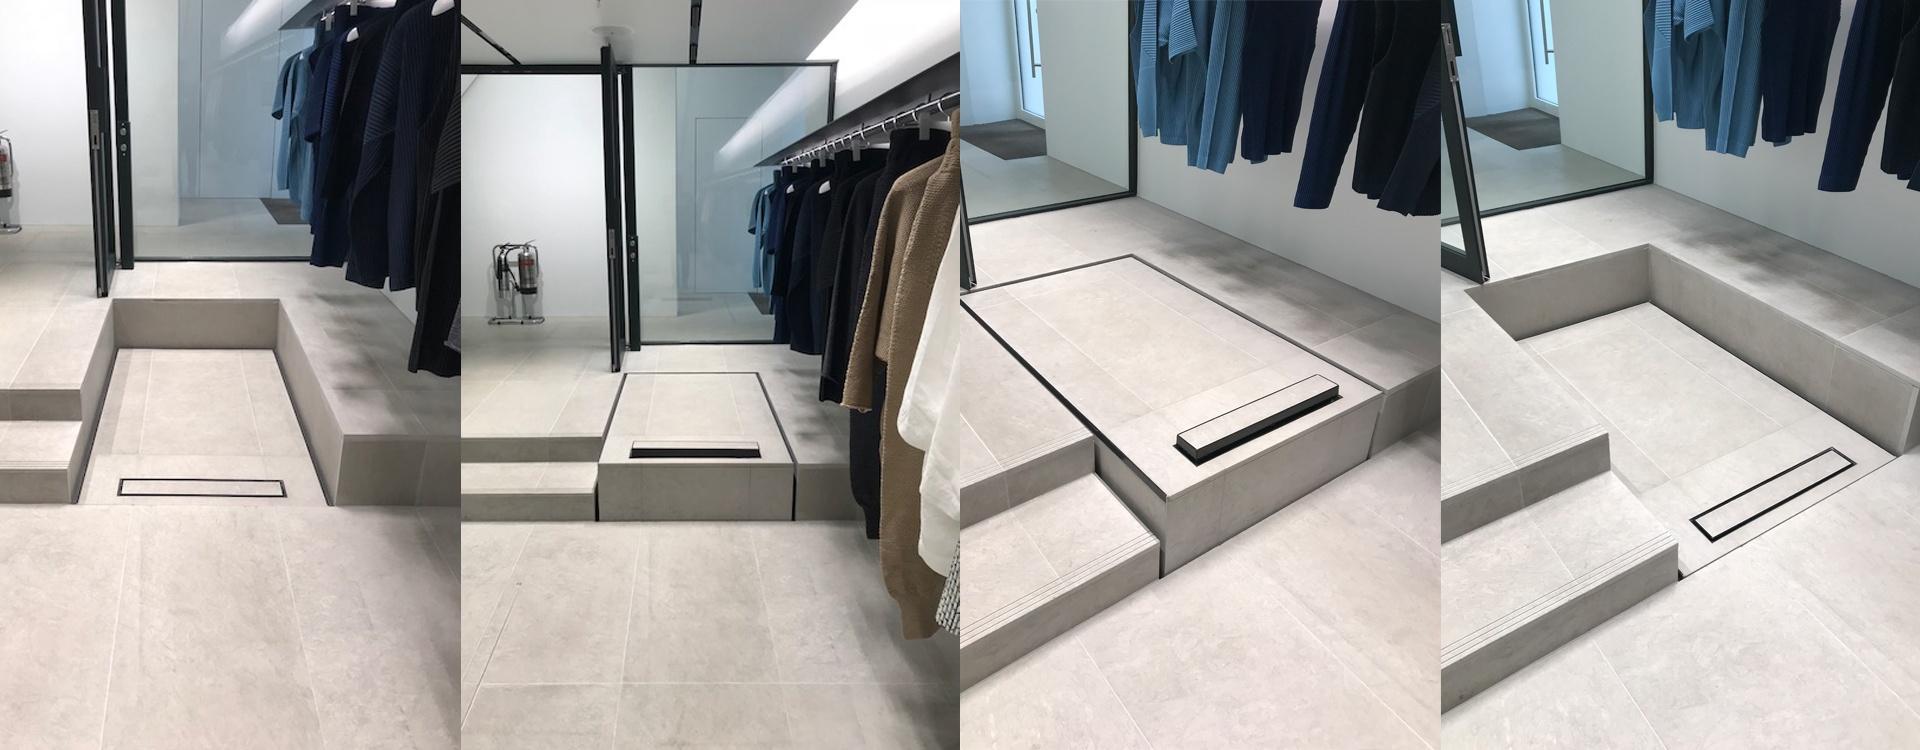 Hidden Step Lift